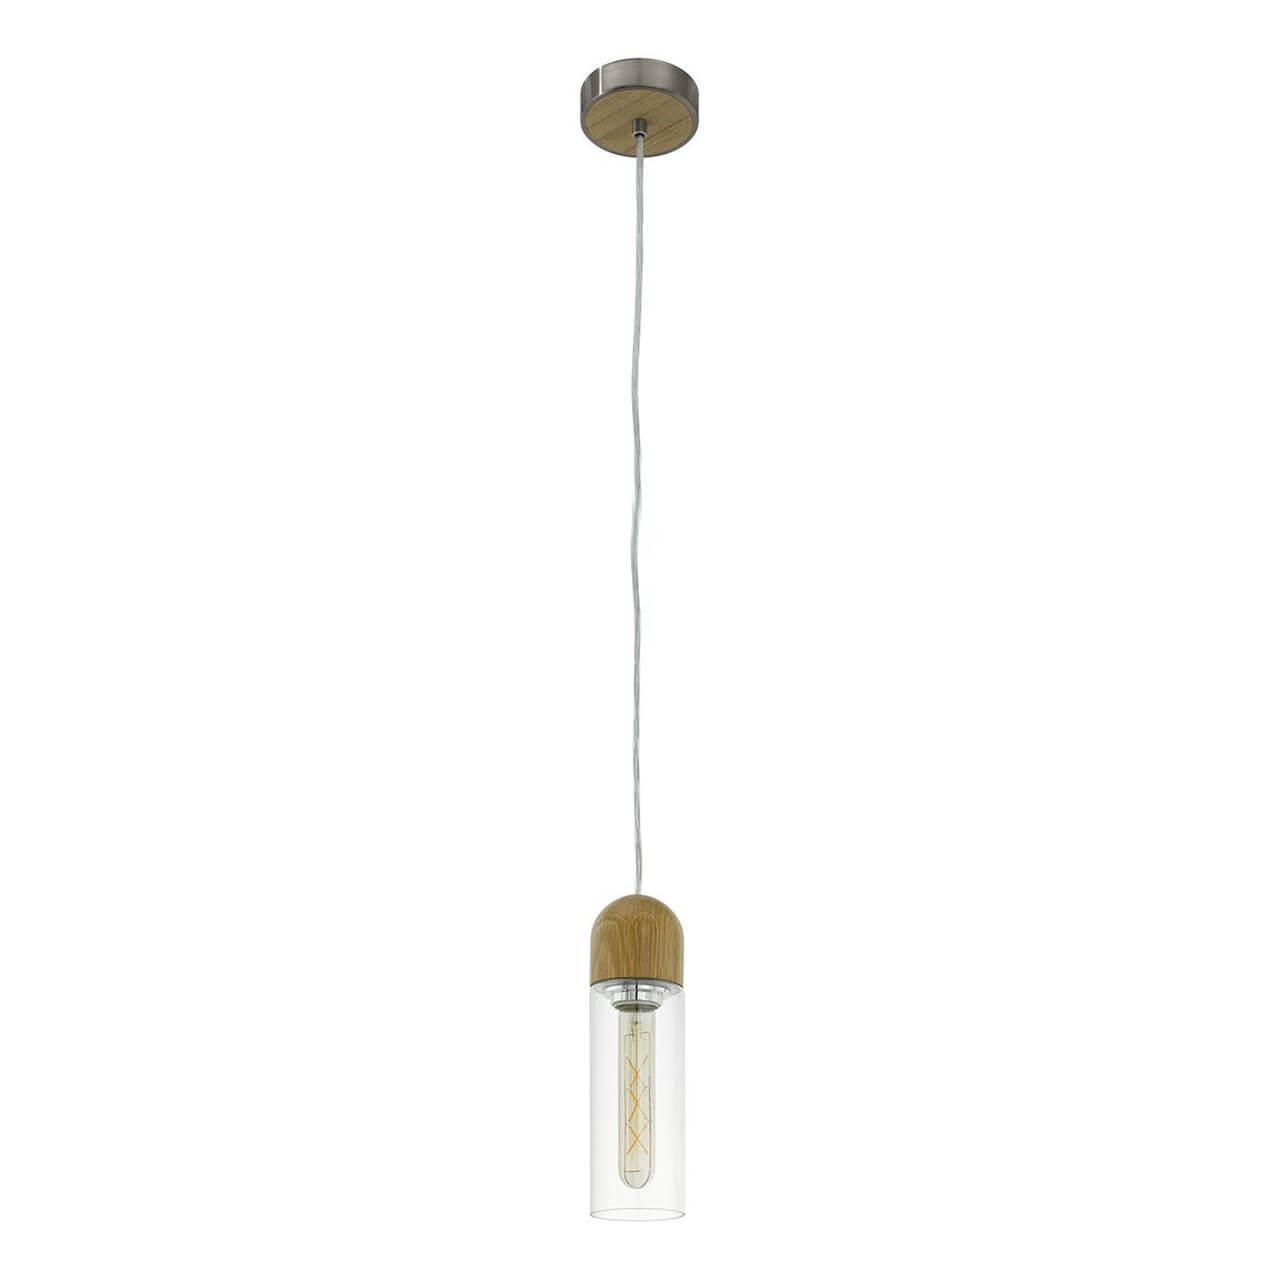 Подвесной светильник Eglo 96944, E27, 4 Вт подвесной светодиодный светильник eglo zacharo 1 96944